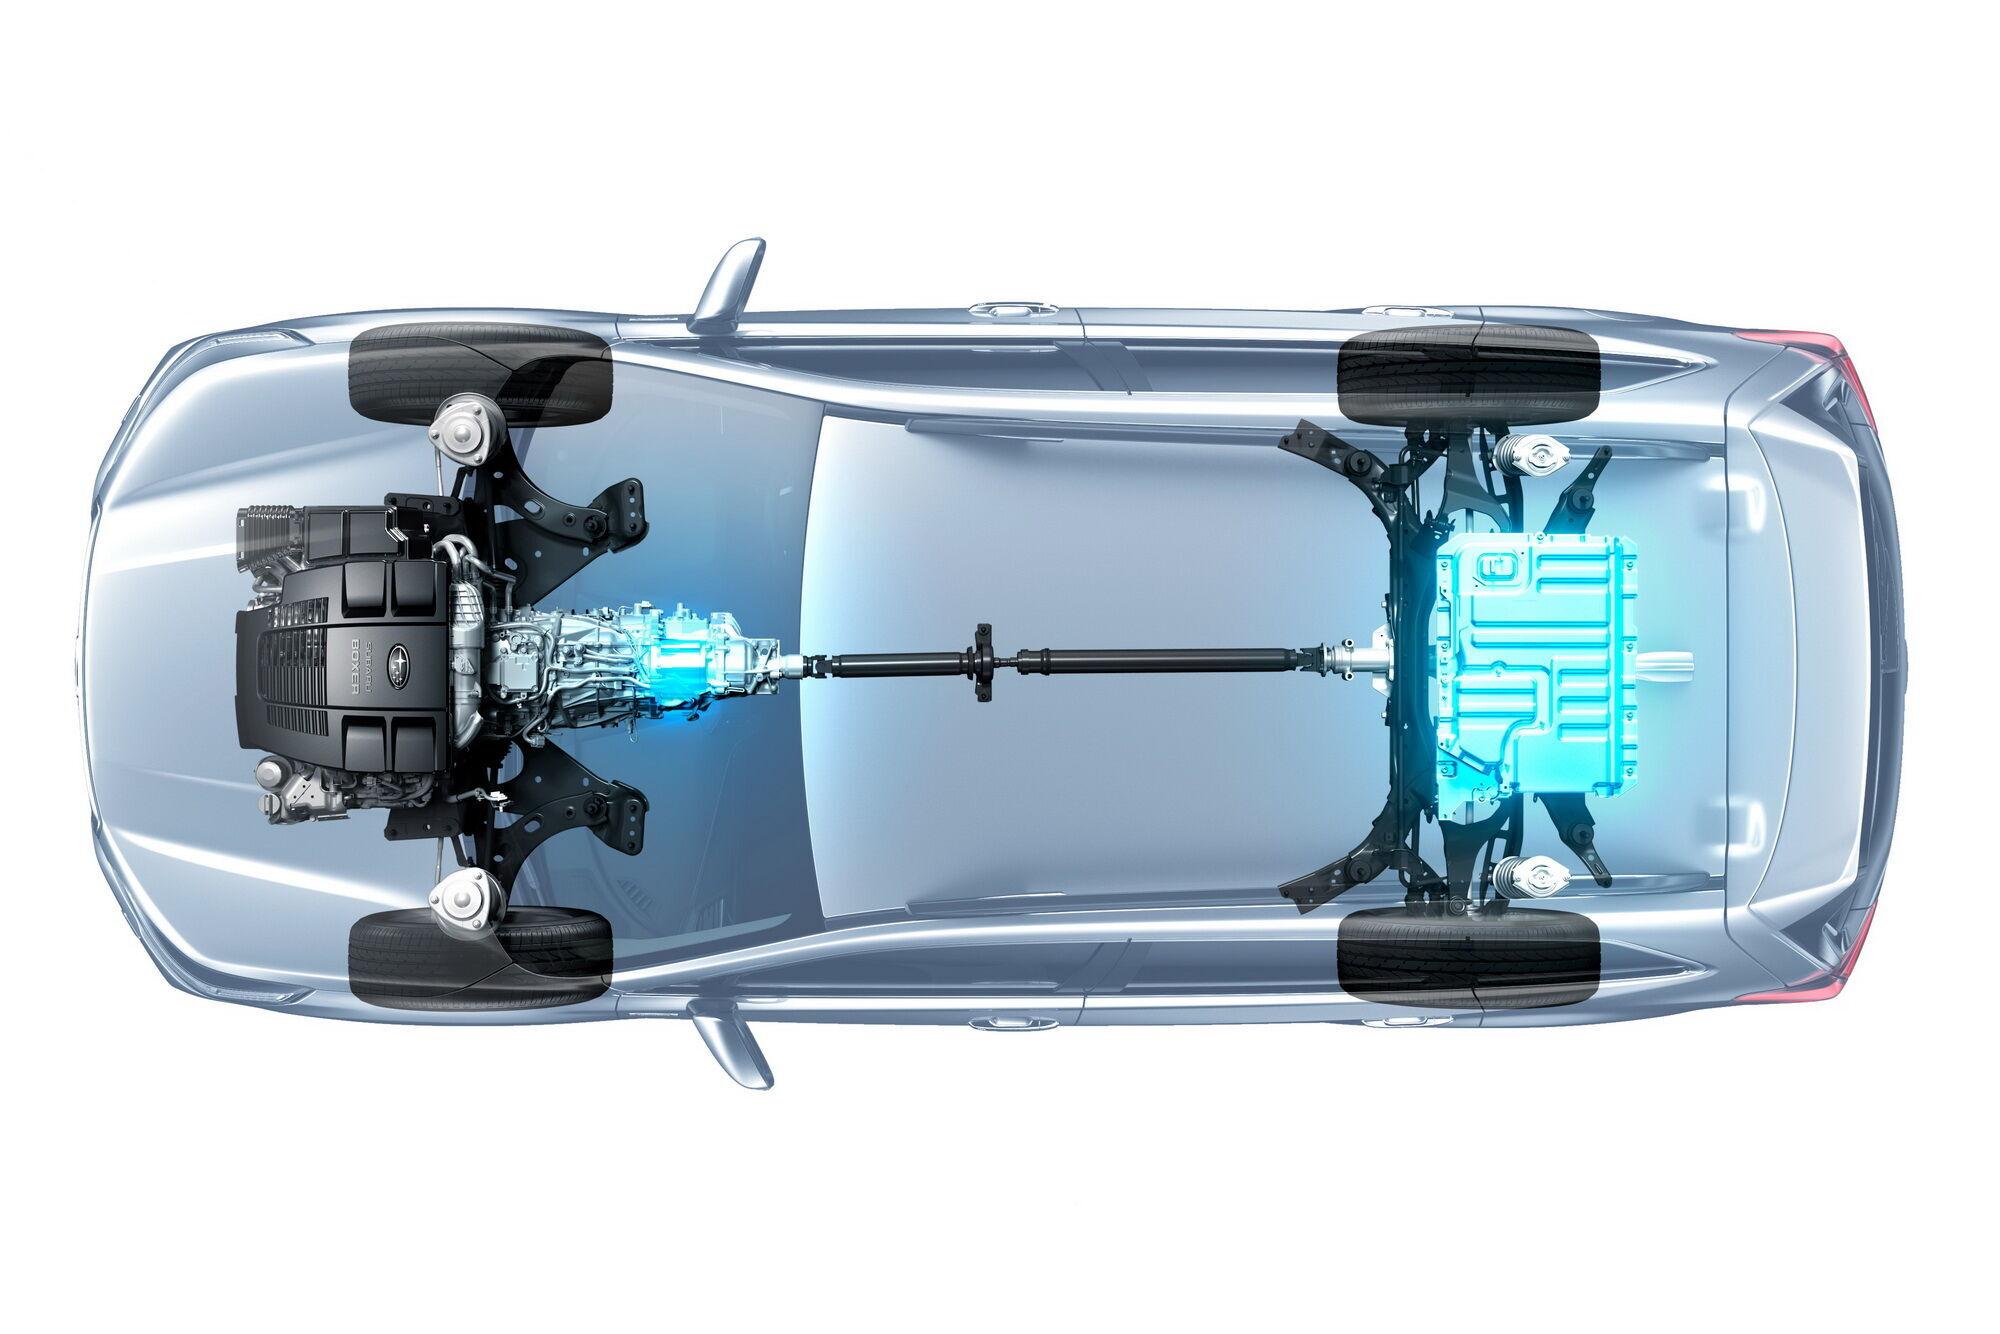 Для майбутніх моделей можливості повного приводу Subaru будуть розширені за рахунок технології електрифікації.